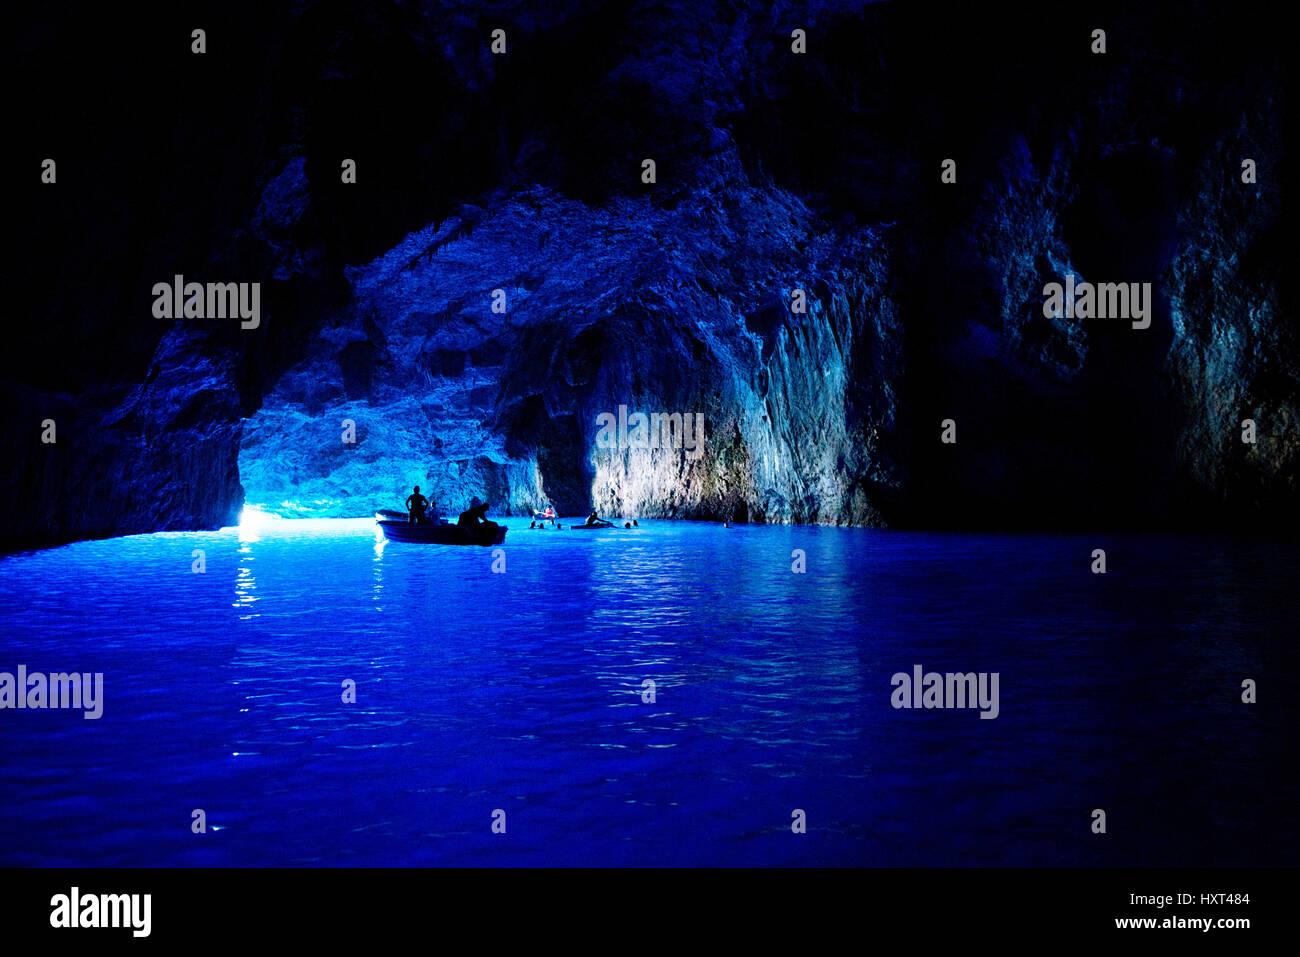 Große blaue Grotte mit Booten und Schwimmern, Insel Kastellorizo, Dodekanes, Griechenland - Stock Image